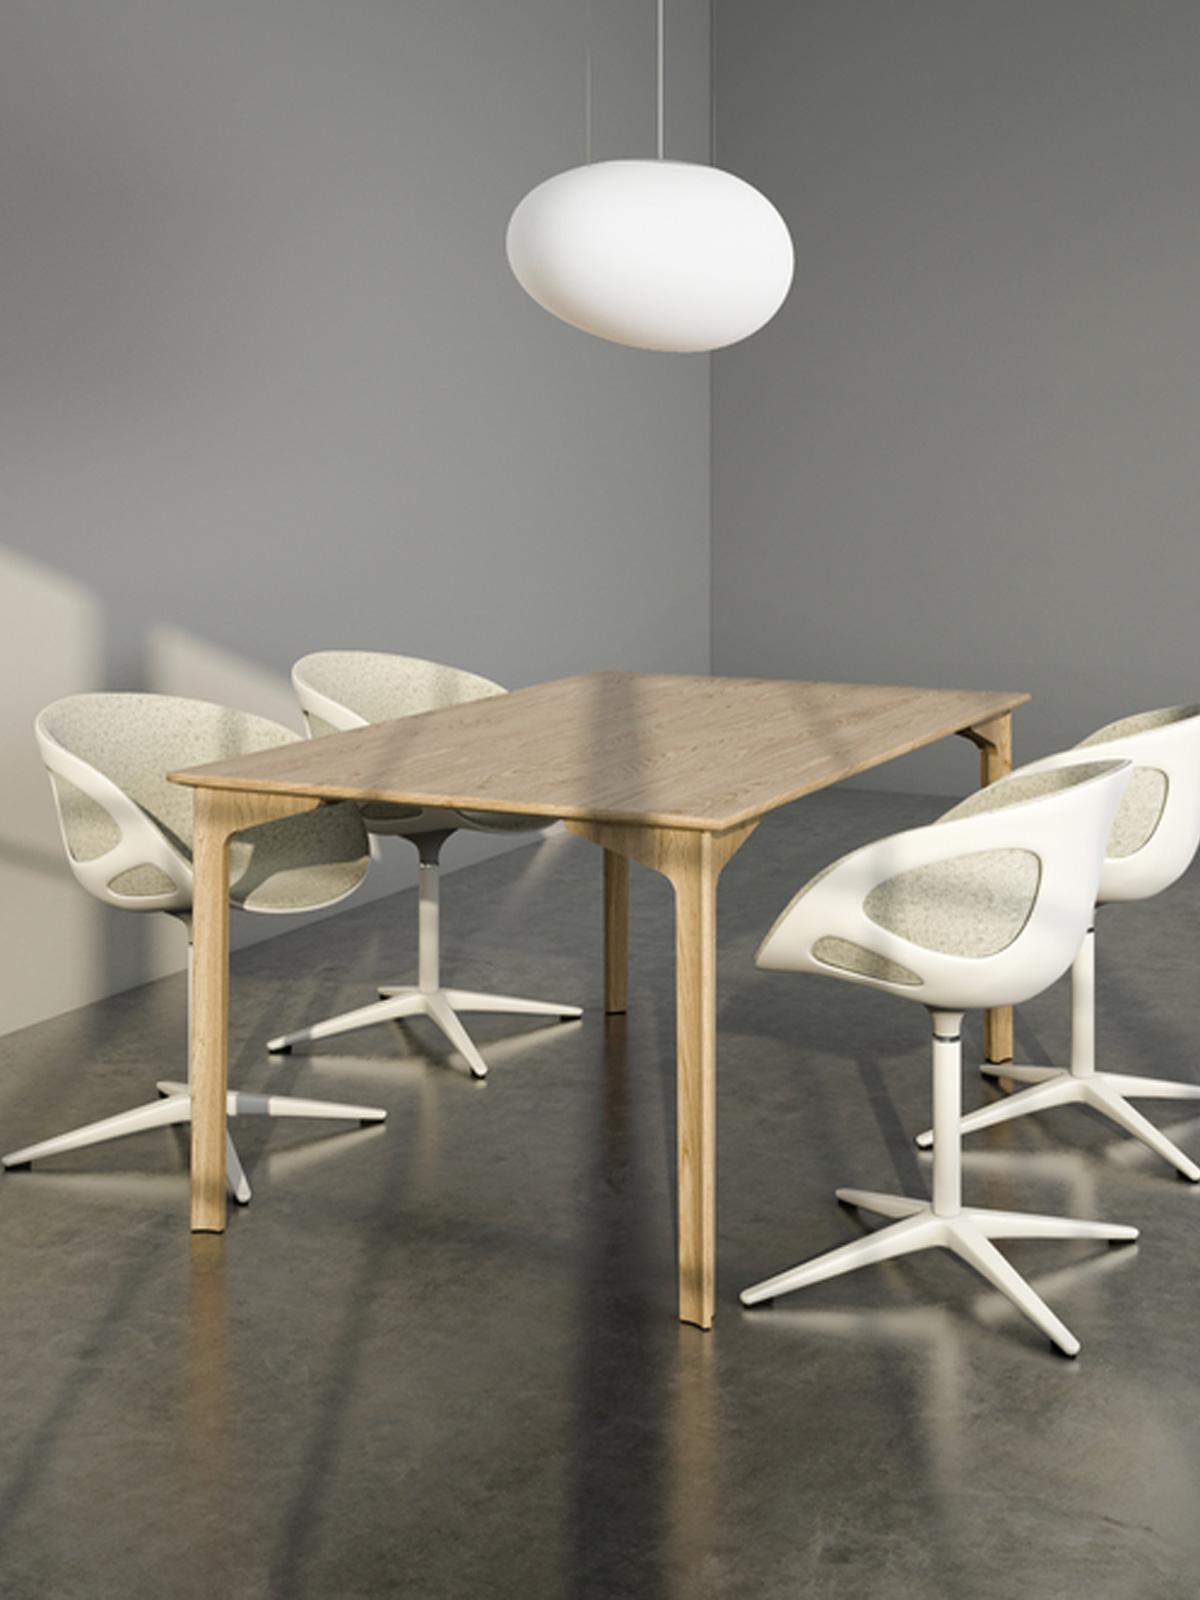 Pendellampe Anion von Lightyears skandinavisches Design